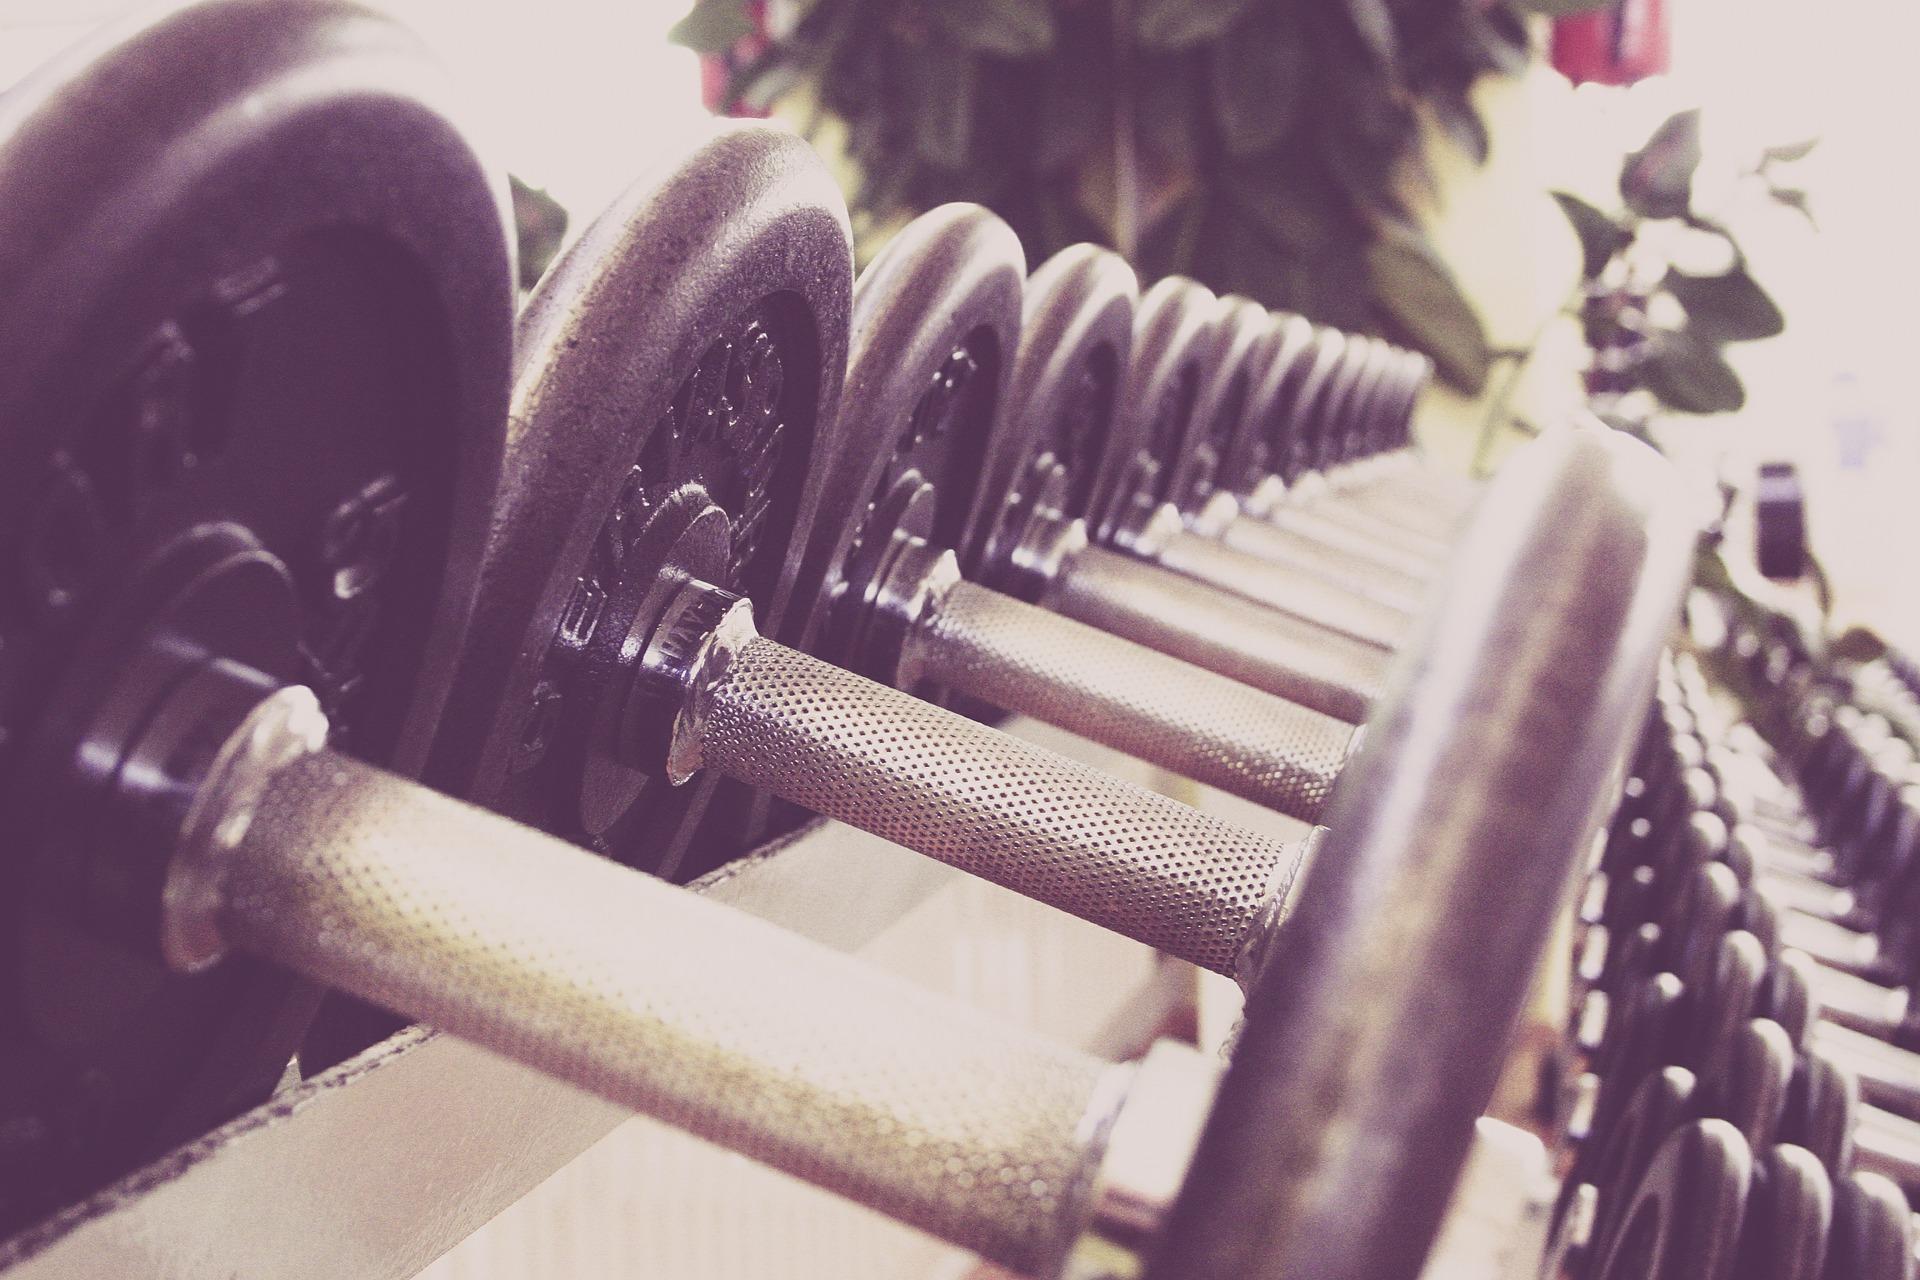 【安い順】長野のパーソナルトレーニングジム6選|プライベートジム・パーソナルジム・ダイエットジムなど